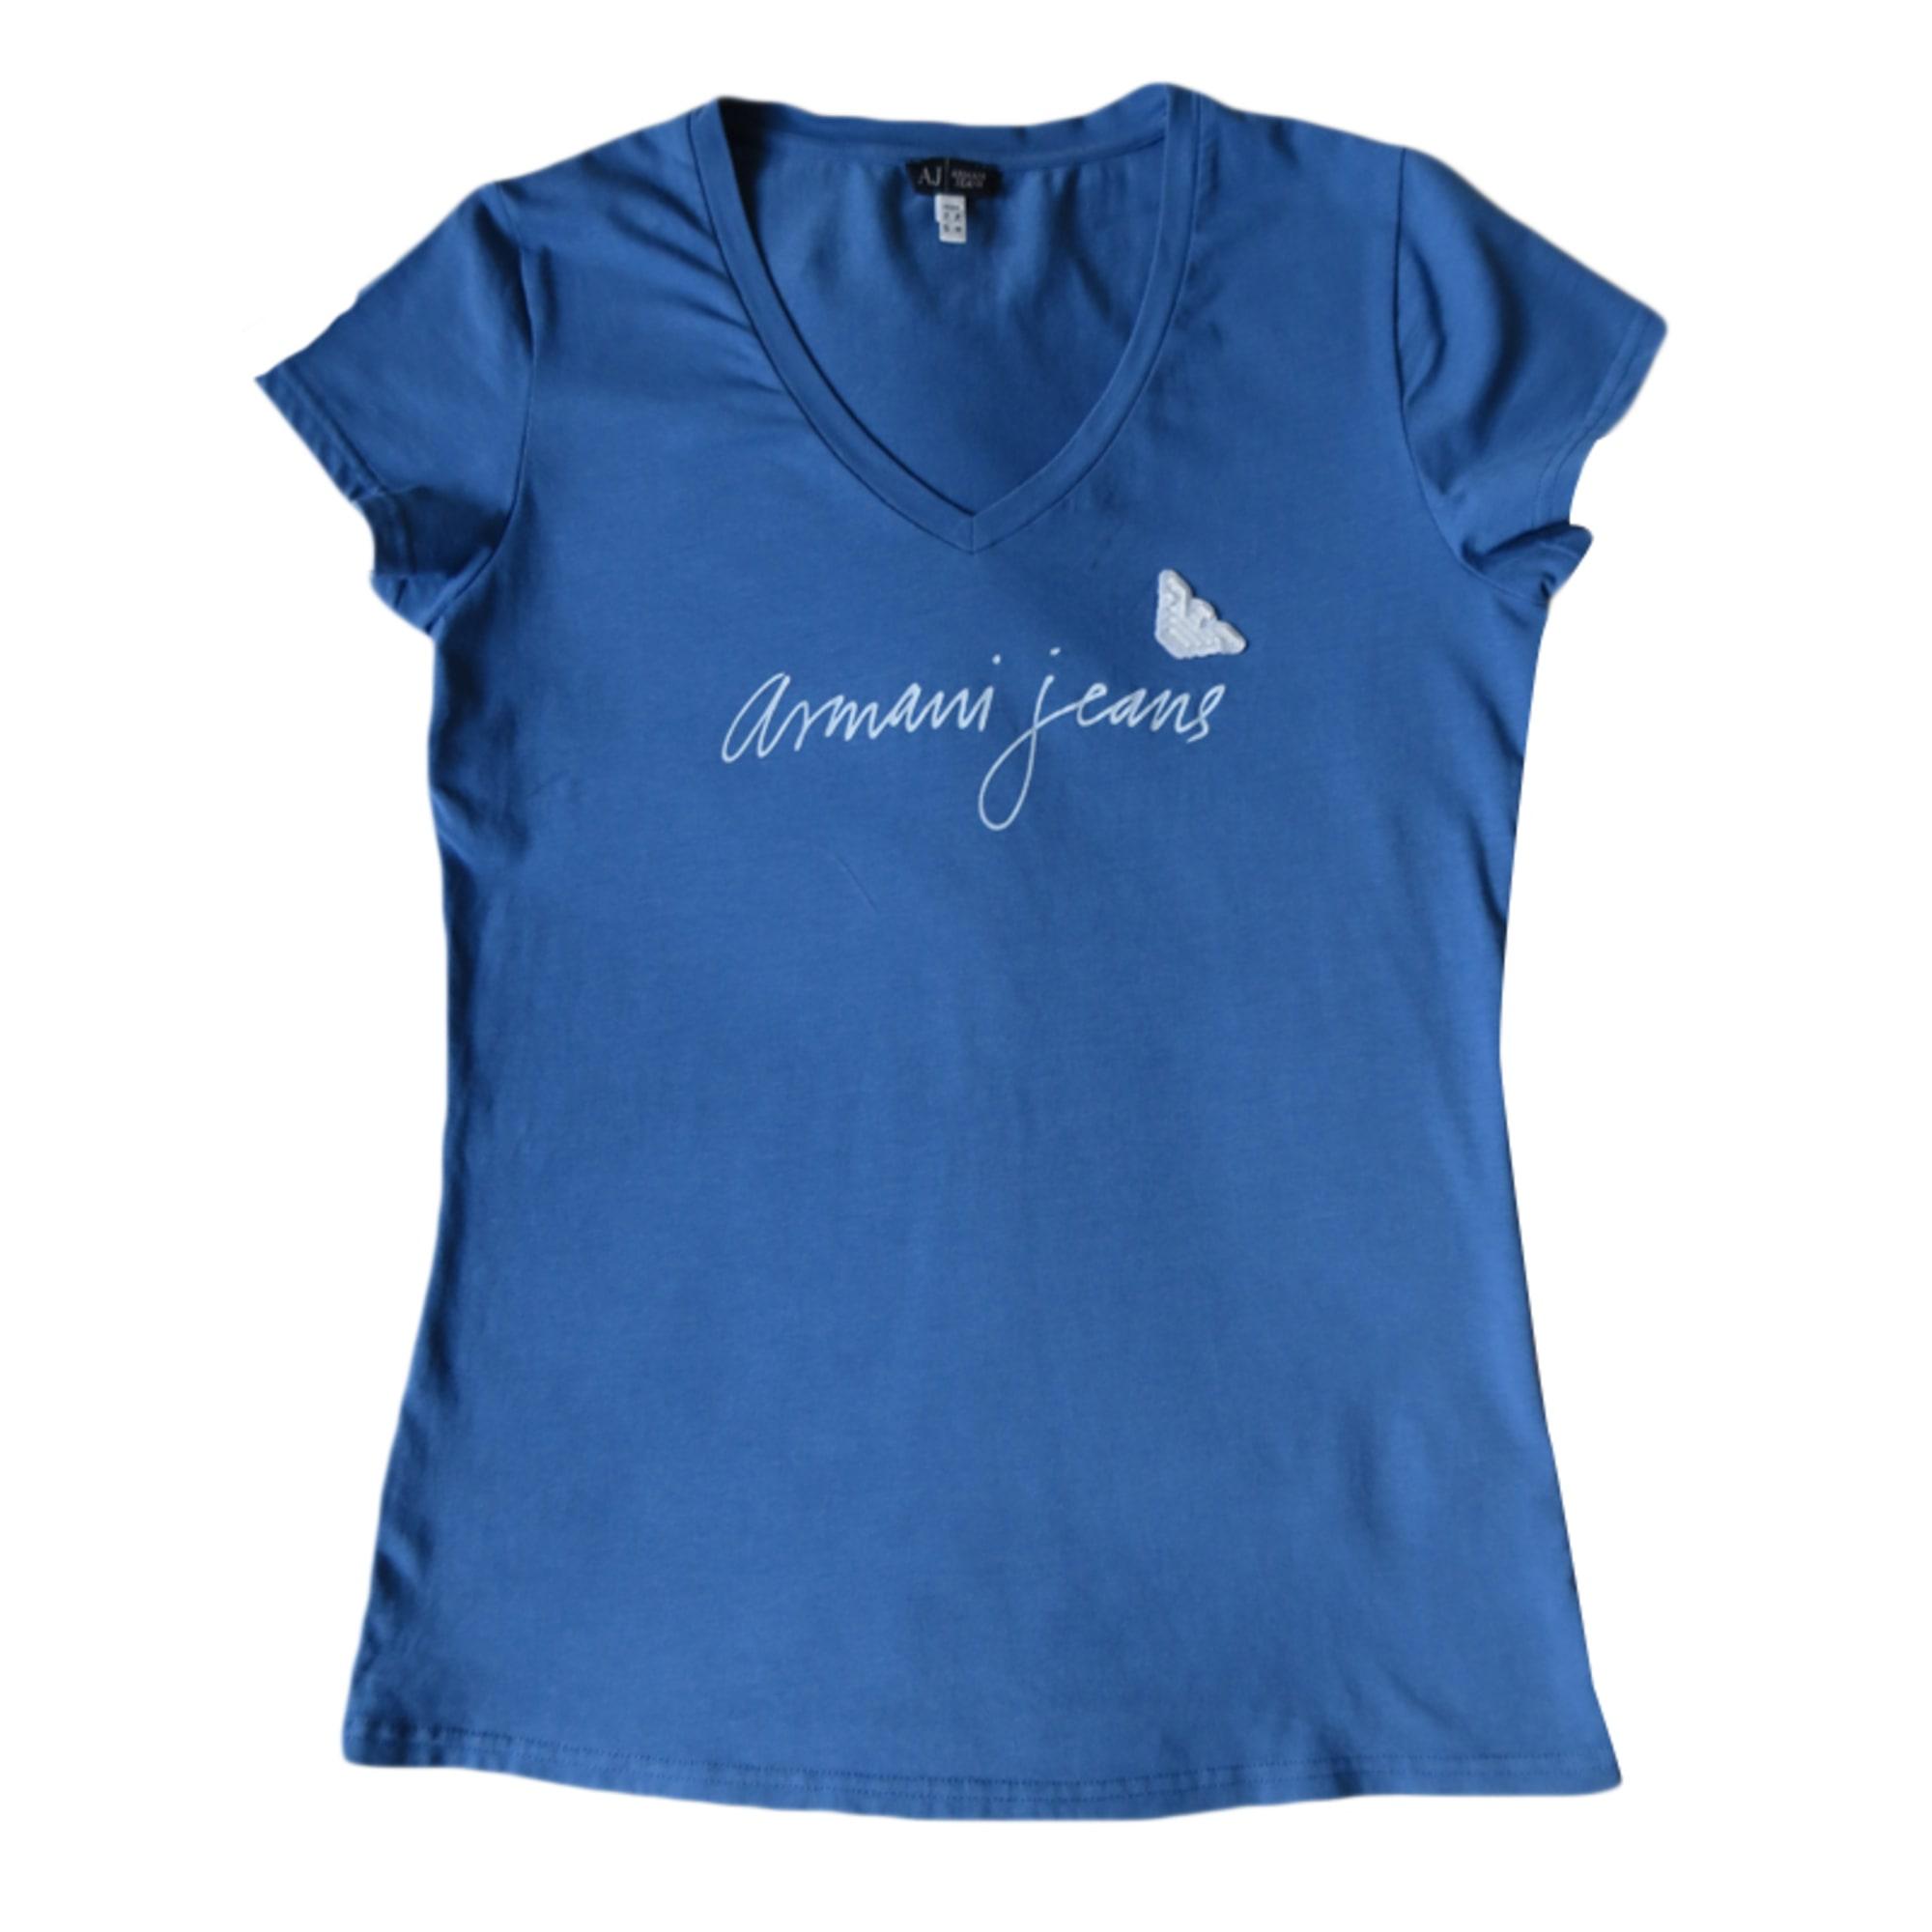 Top, tee-shirt ARMANI JEANS Bleu, bleu marine, bleu turquoise